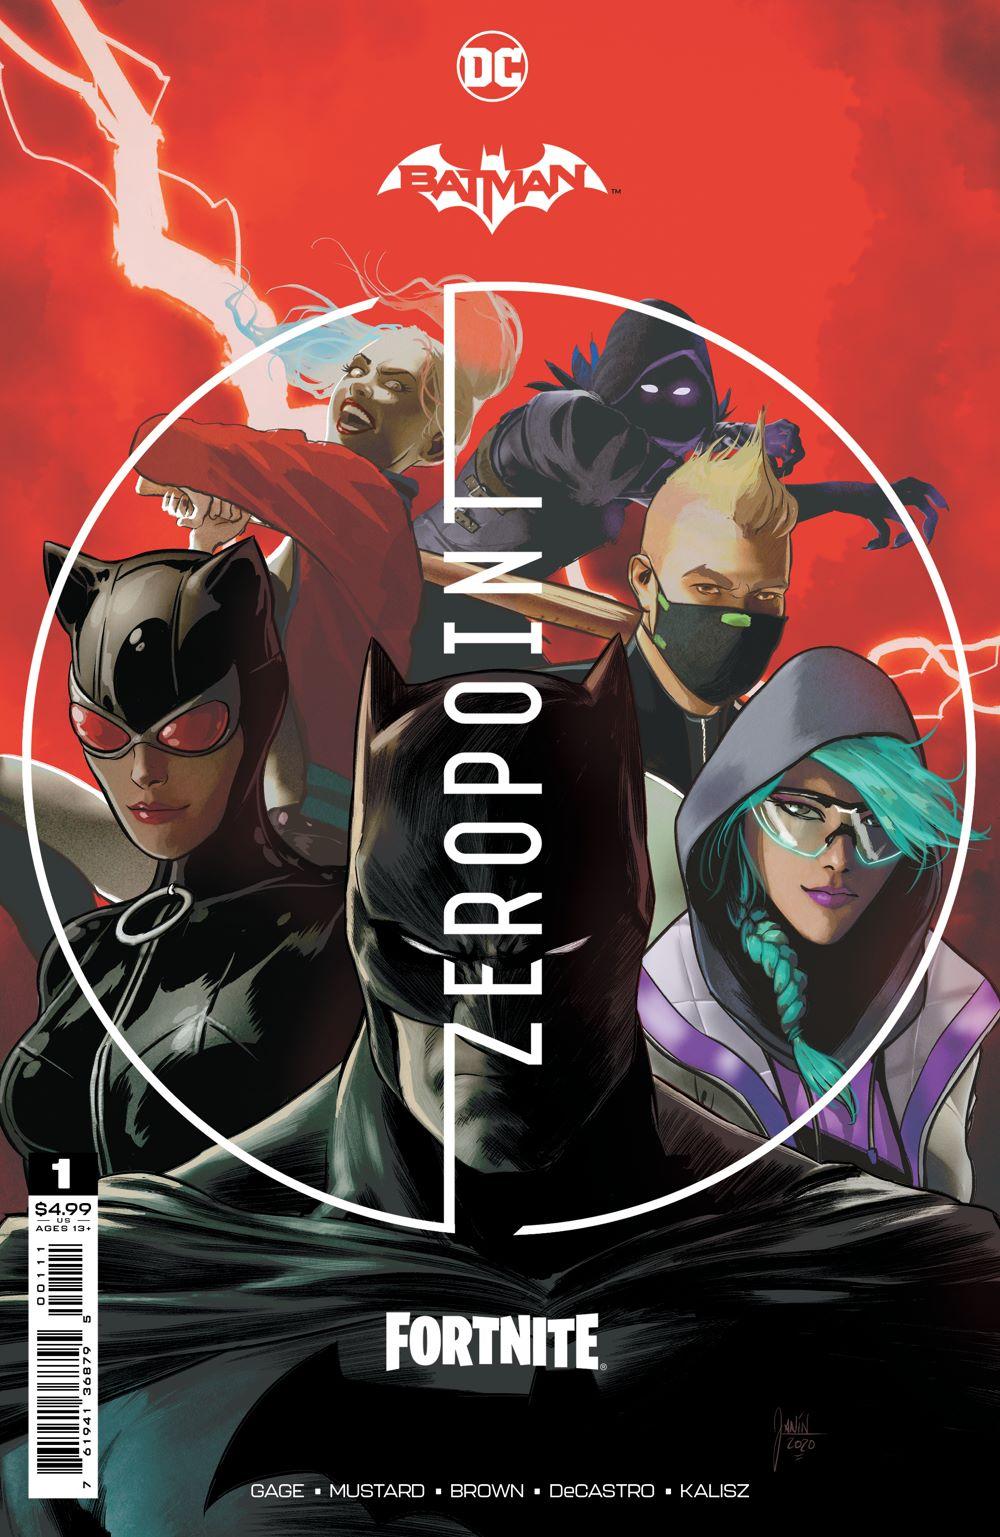 BMFNZP_Cv1 DC Comics June 2021 Solicitations